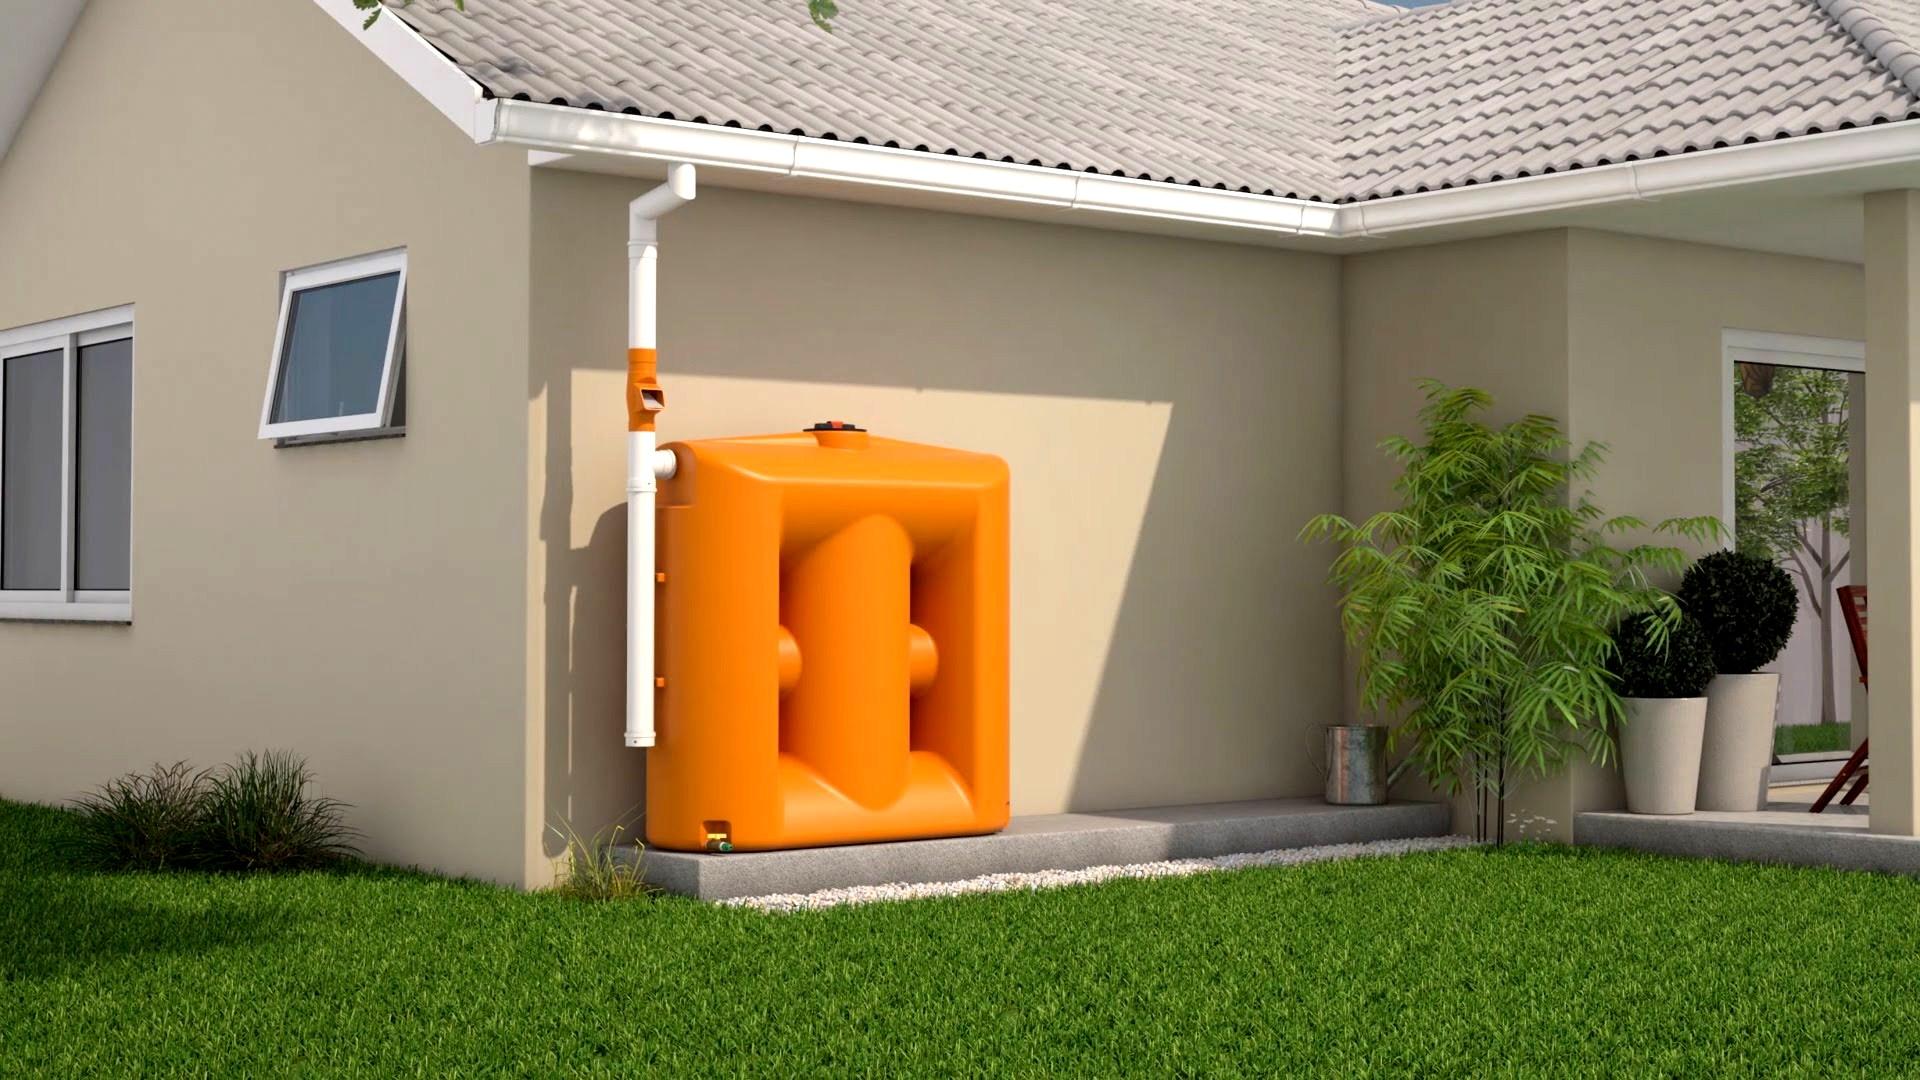 Cisternas – Uma forma consciente de reaproveitar a água